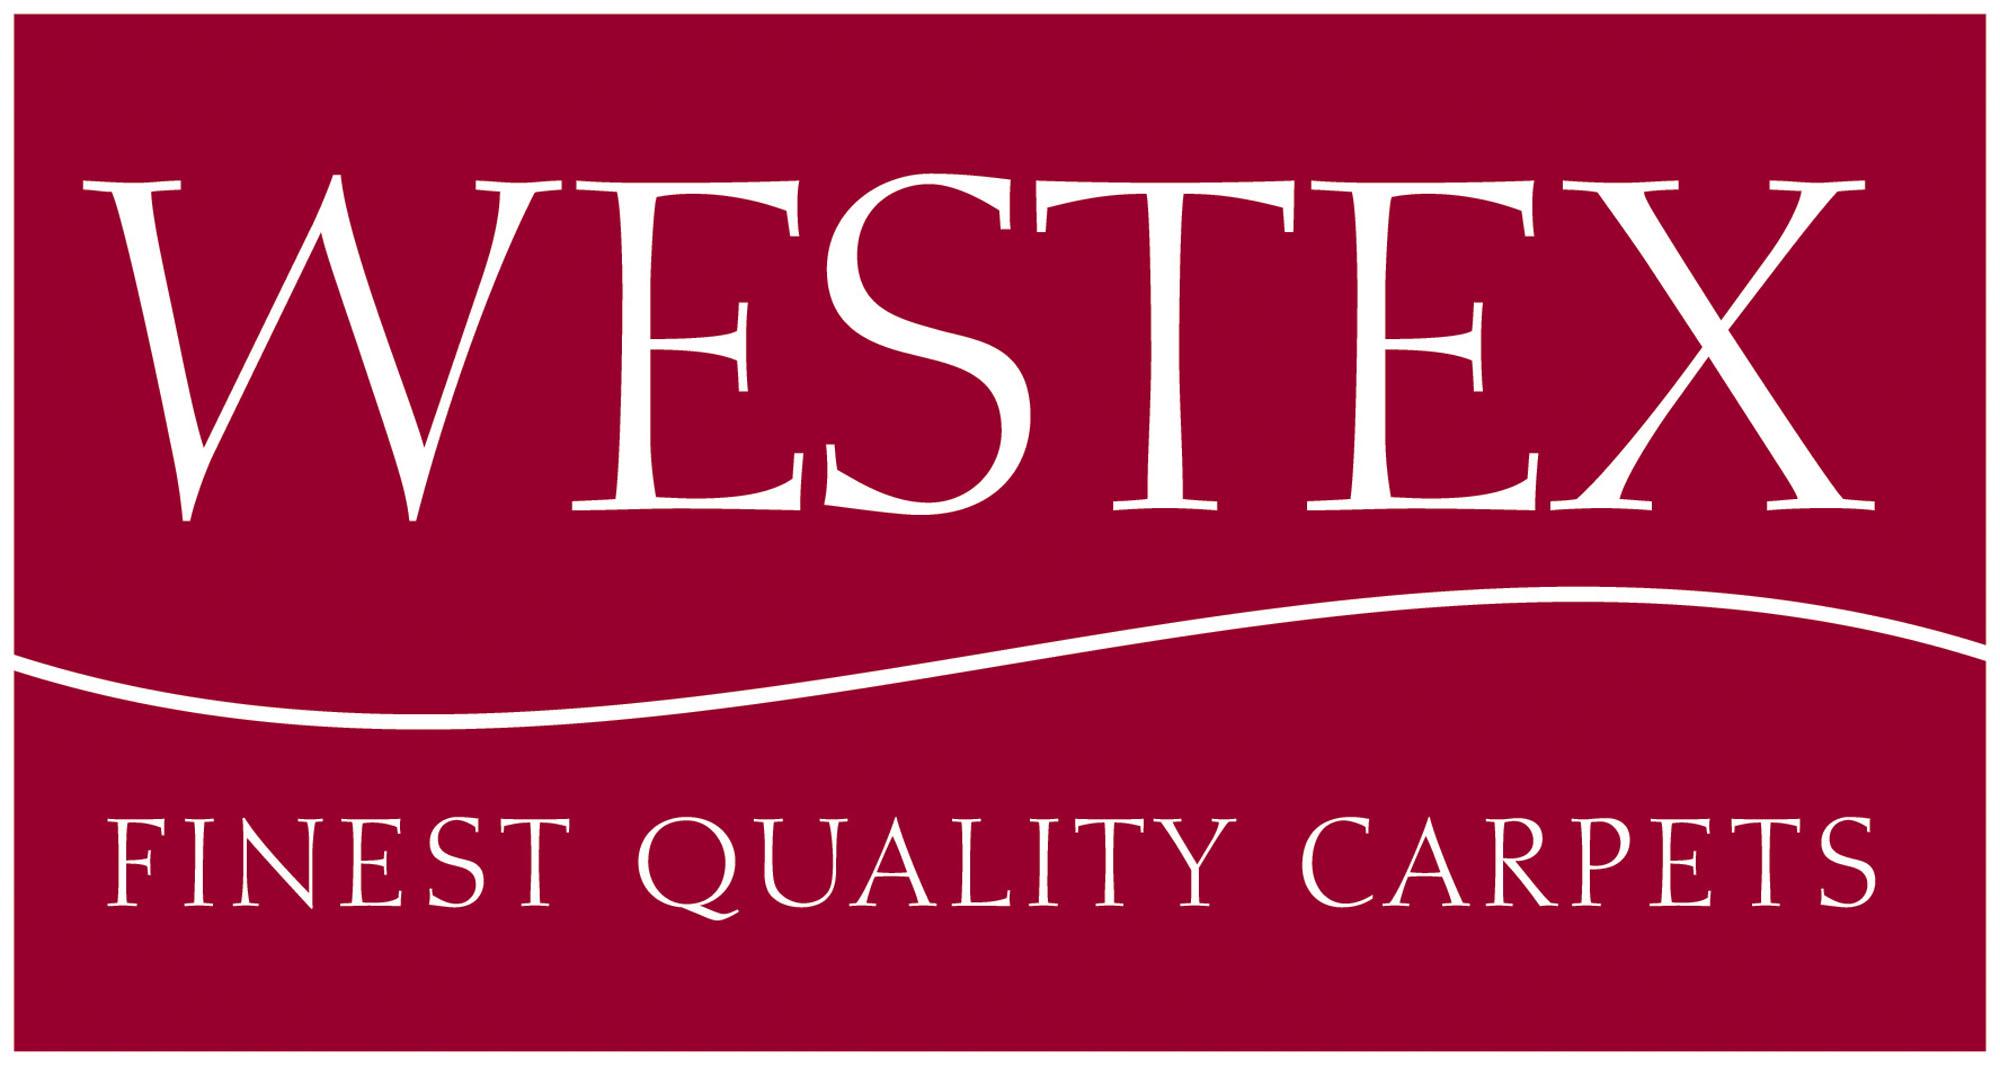 WESTEX-2008-logo-resize